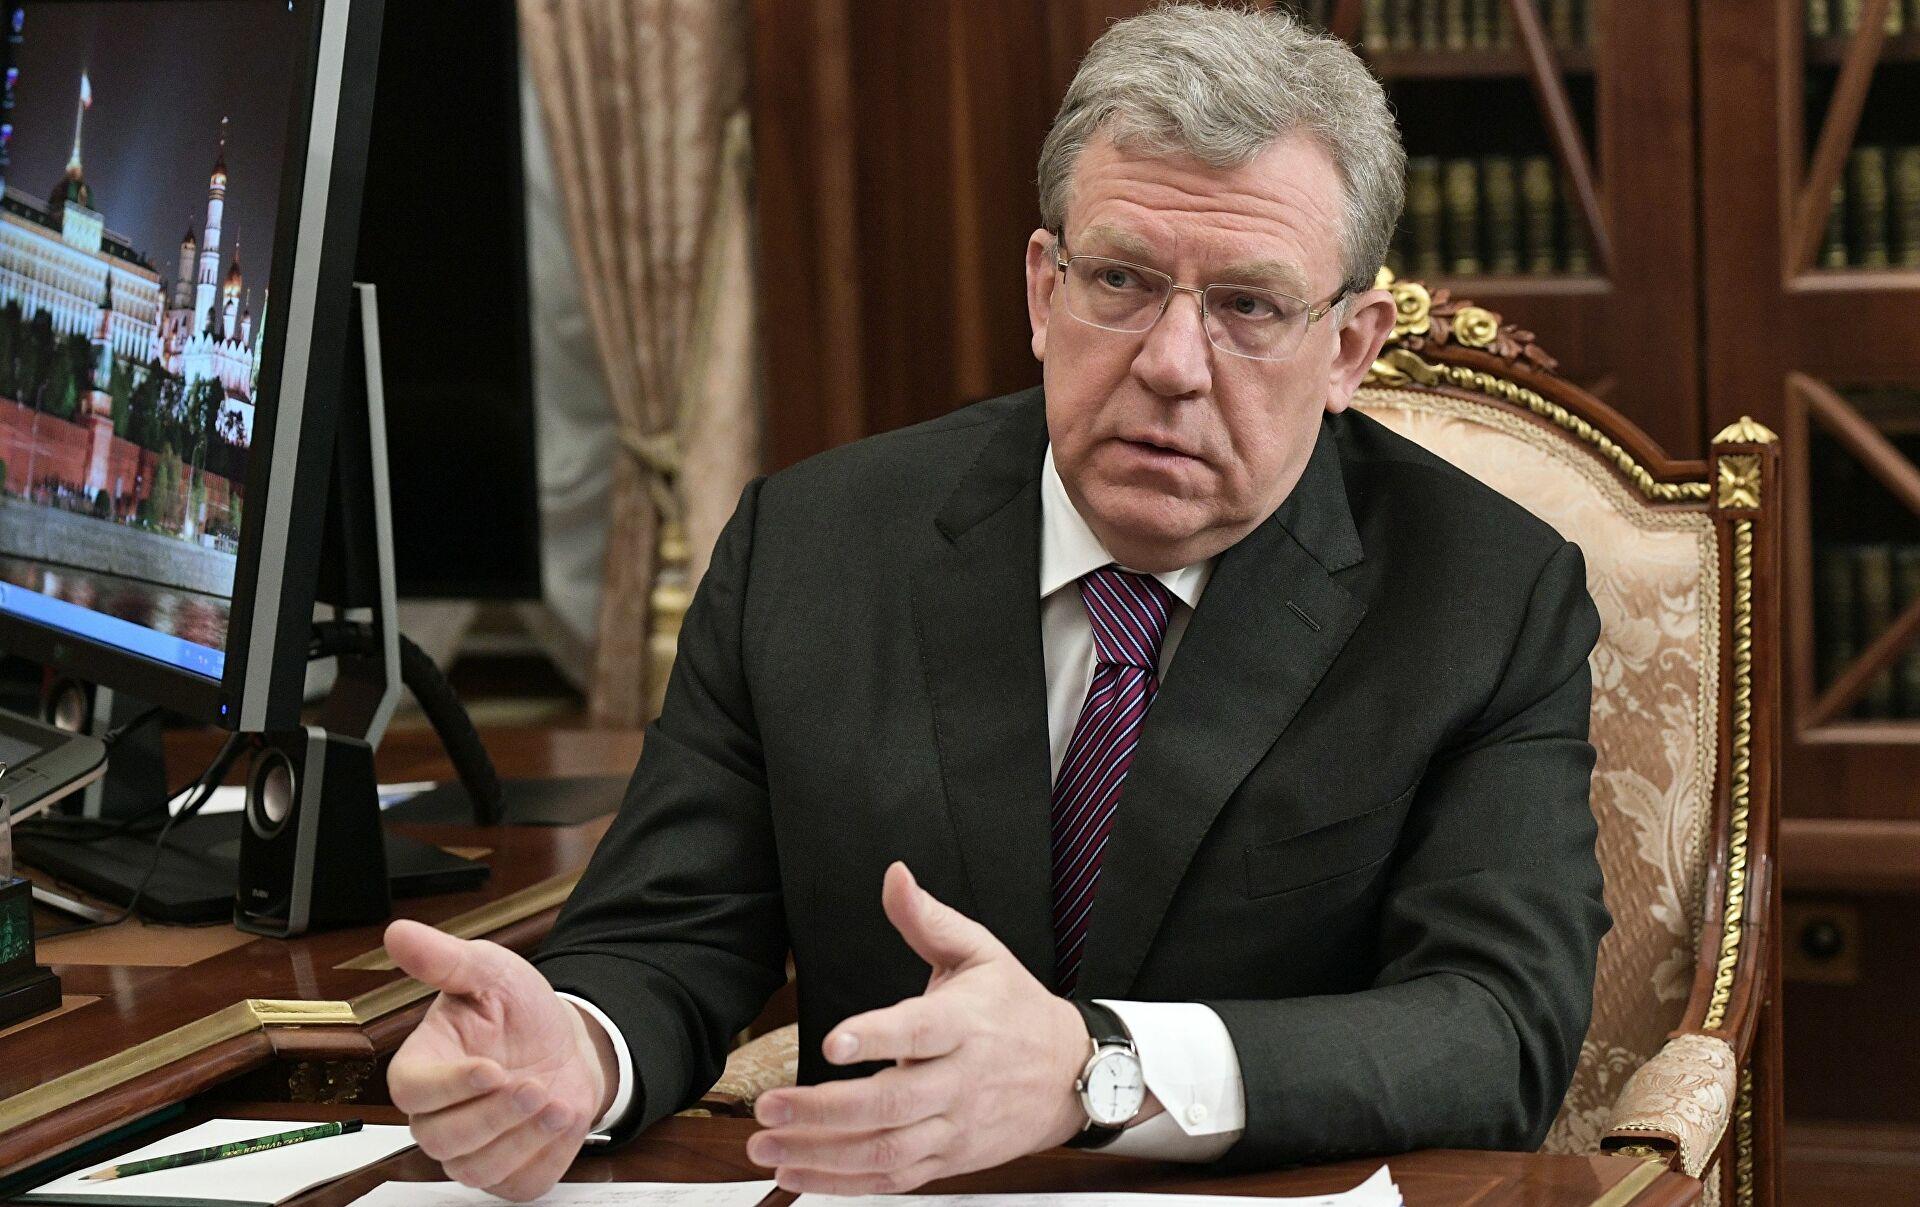 Долю государственного сектора в российской экономике следует сократить – глава Счетной палаты